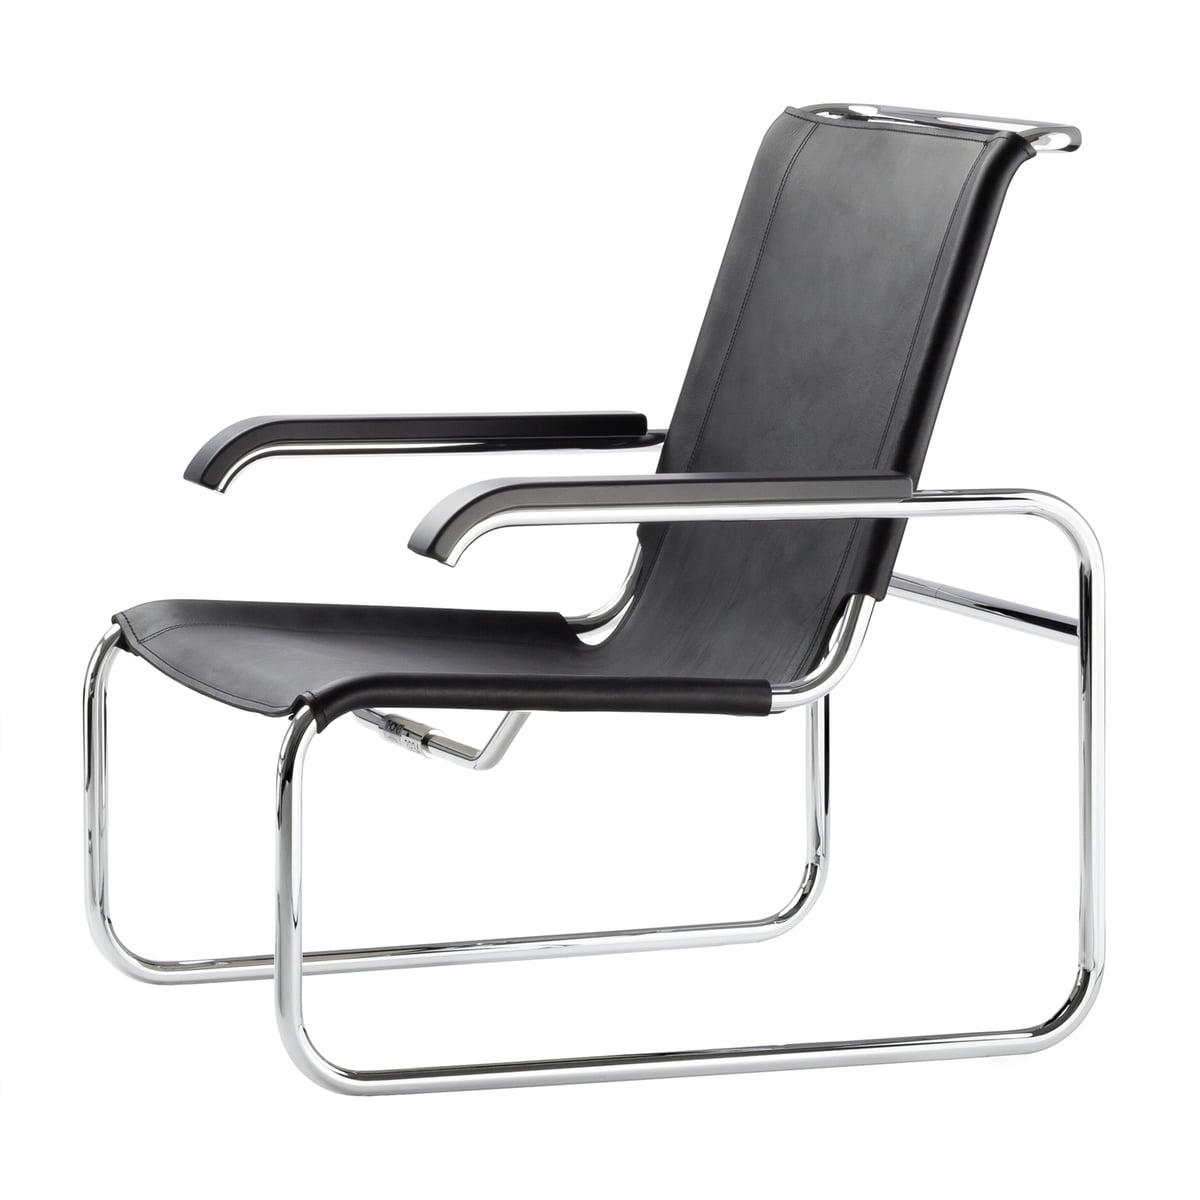 s 35 l sessel von thonet. Black Bedroom Furniture Sets. Home Design Ideas